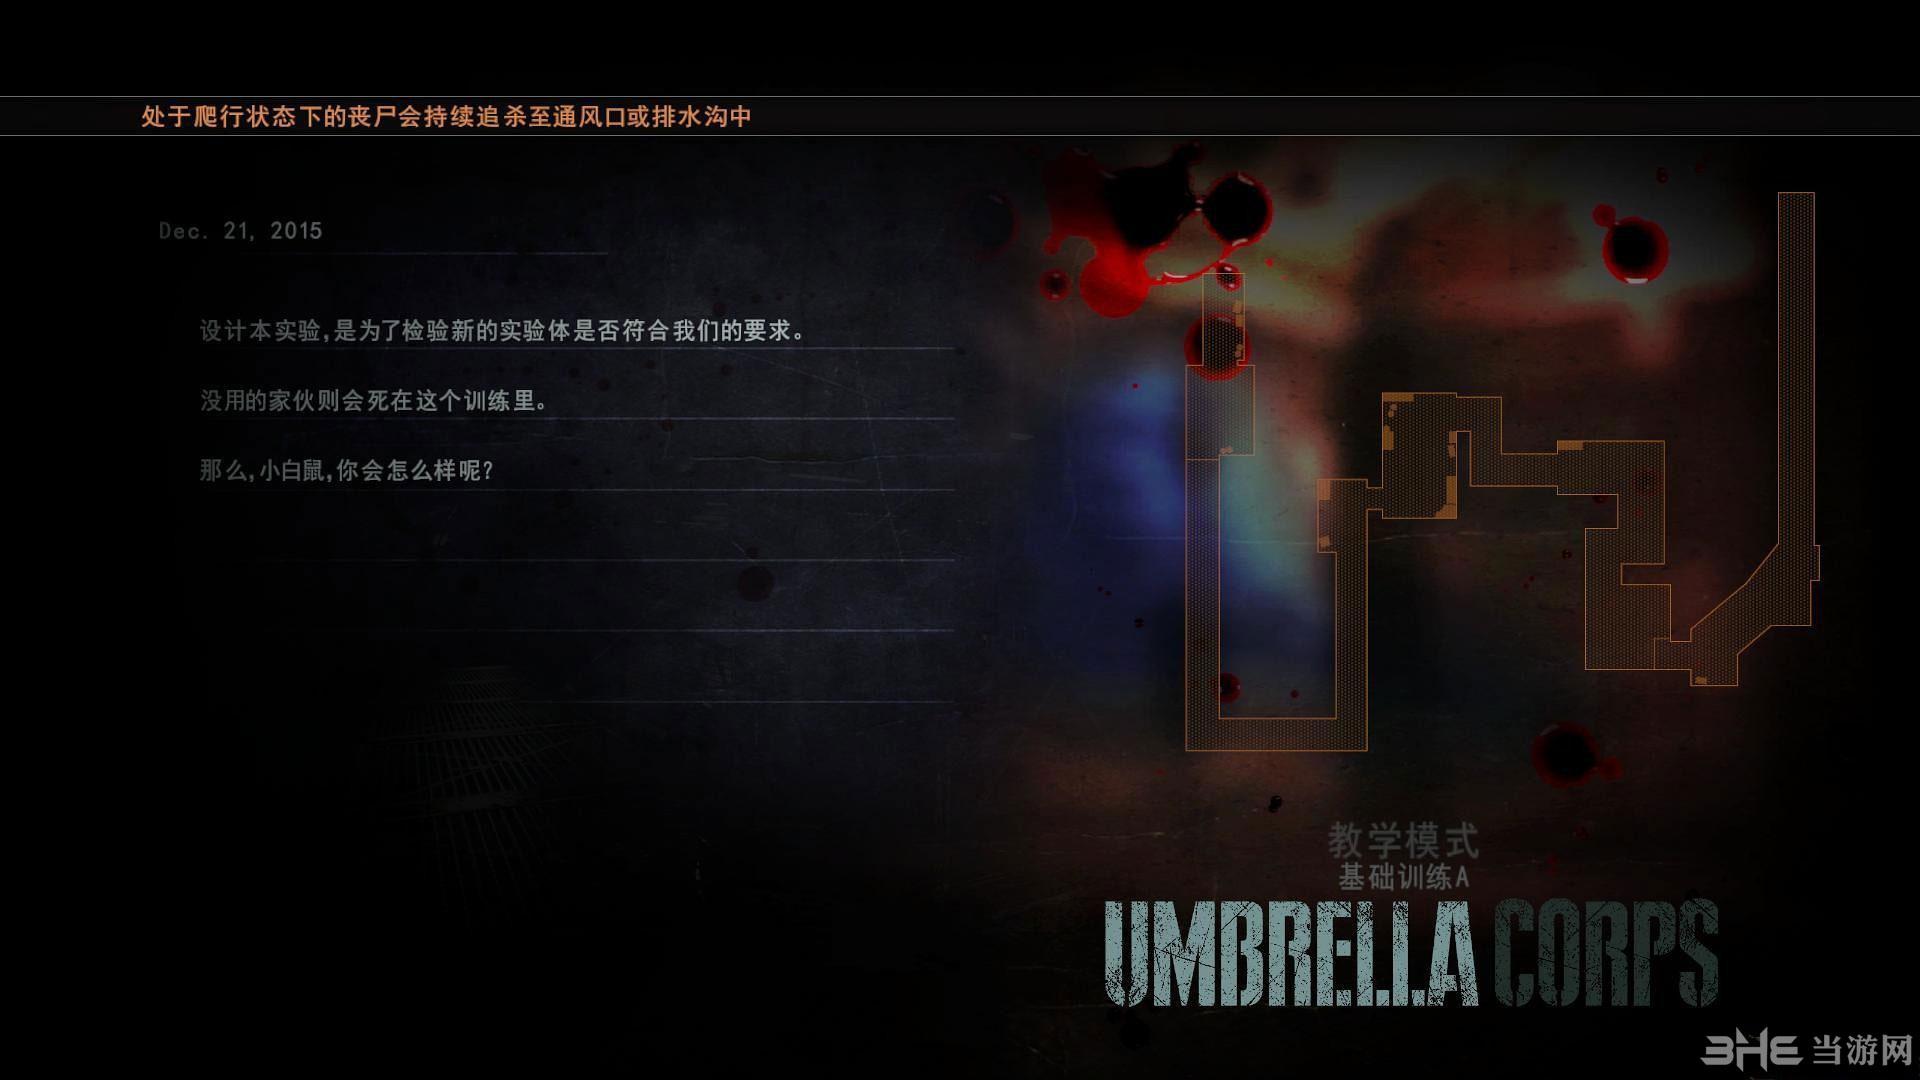 生化危机:保护伞小队轩辕汉化组汉化补丁截图1